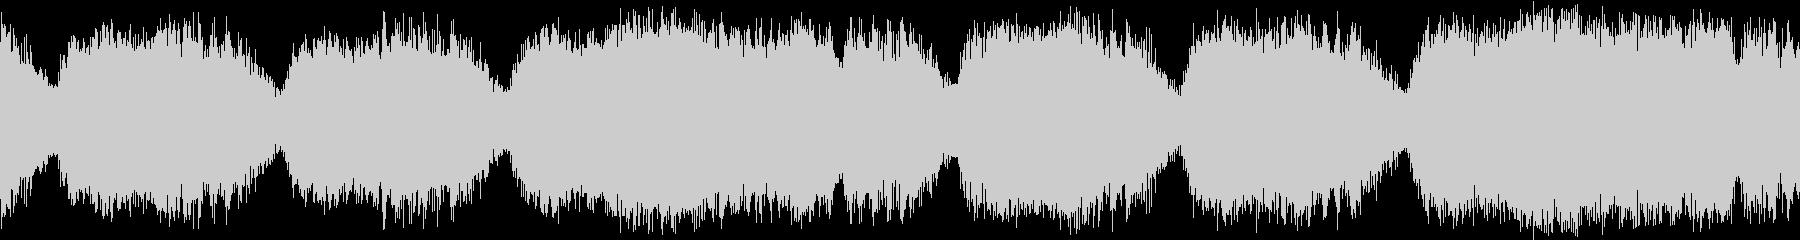 シーン・魔王・ループ・オーケストラの未再生の波形